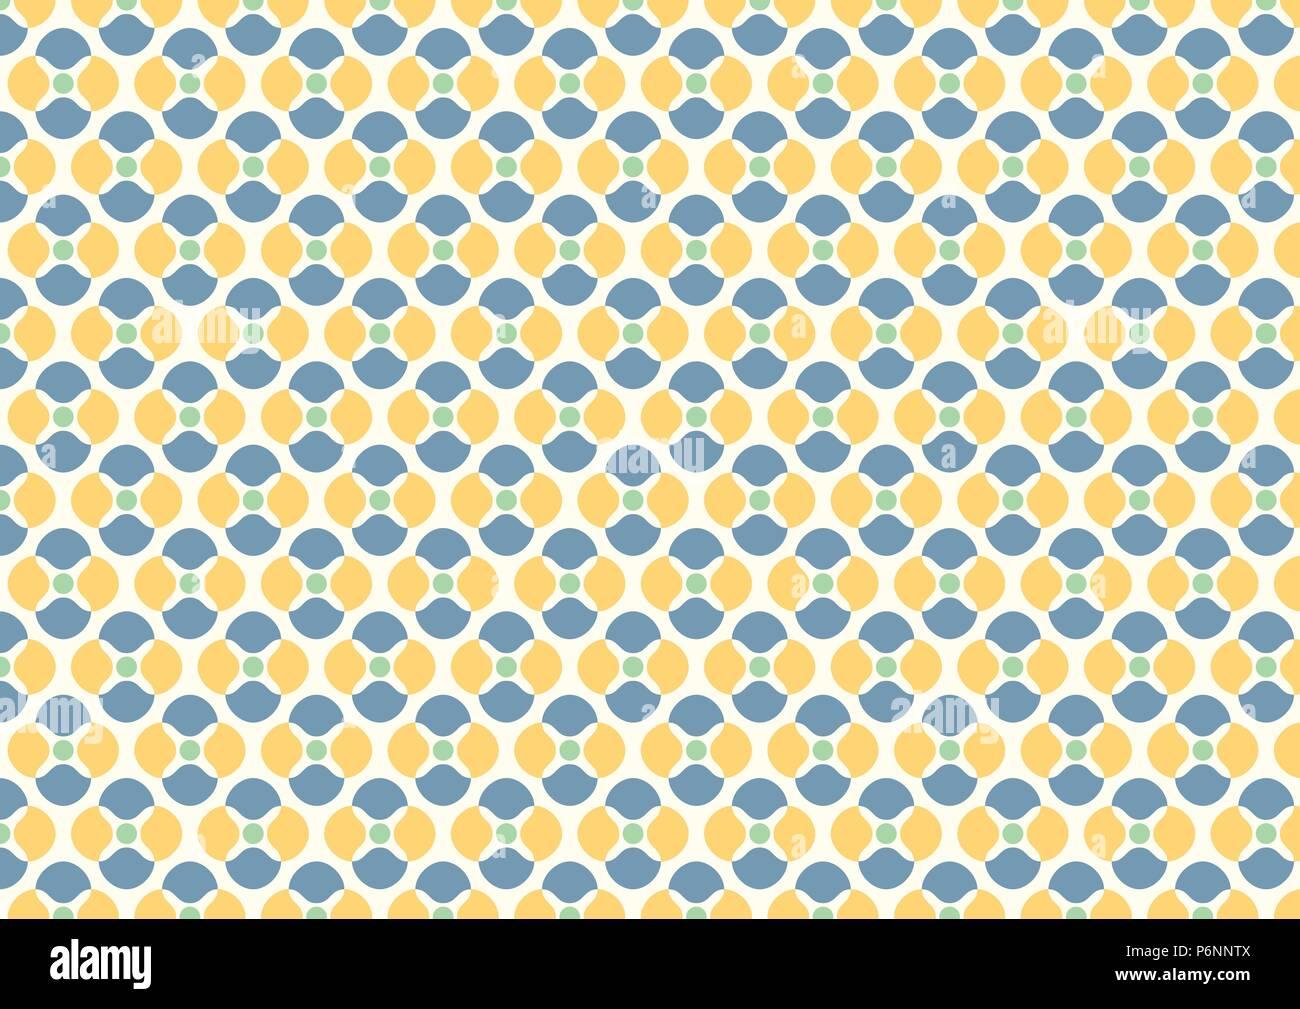 Abstrakte Blüten und kleinen Kreis Musterdesign auf gelben Hintergrund. Vintage und süßen Blumenmuster für Design. Stockbild